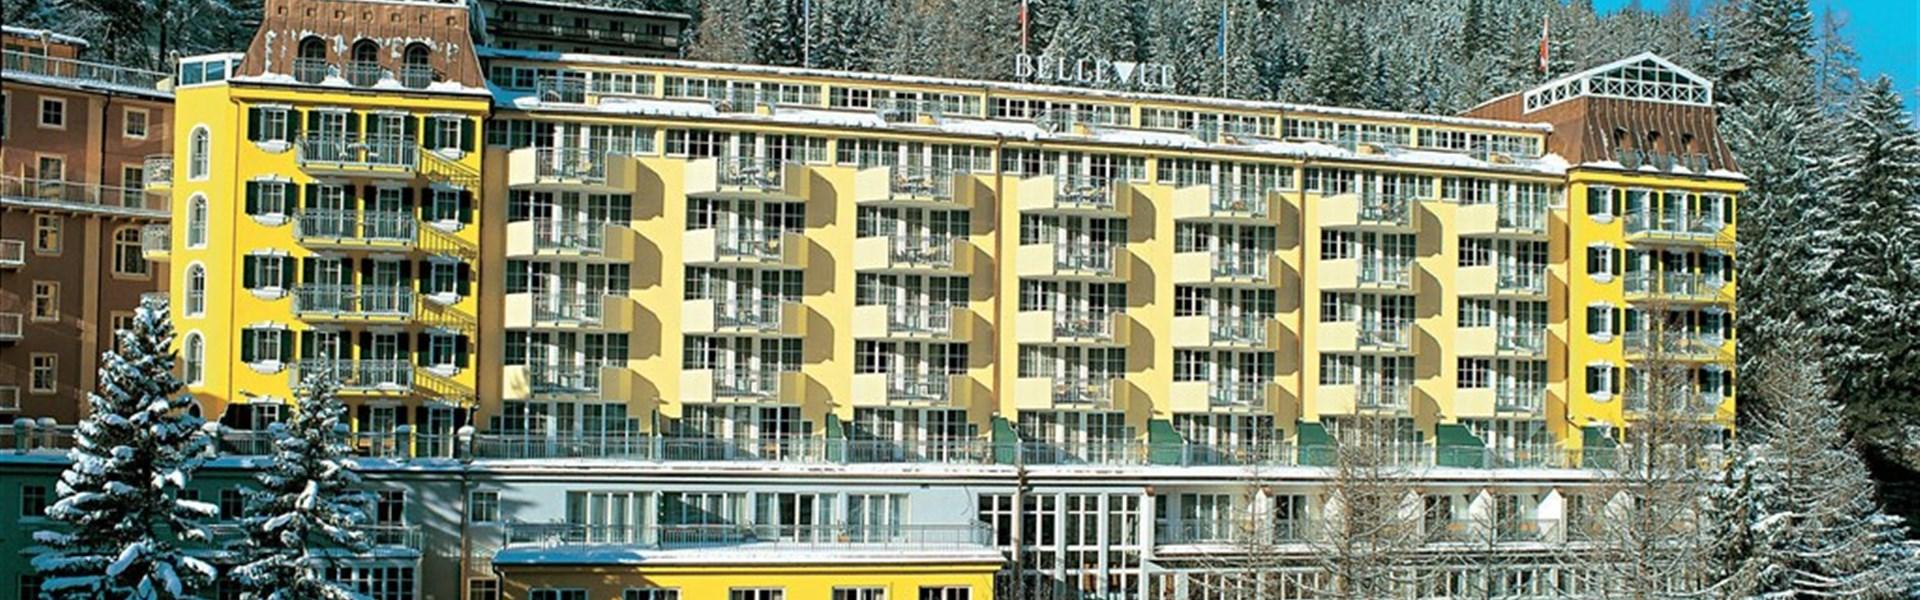 MONDI Hotel Bellevue Gastein -